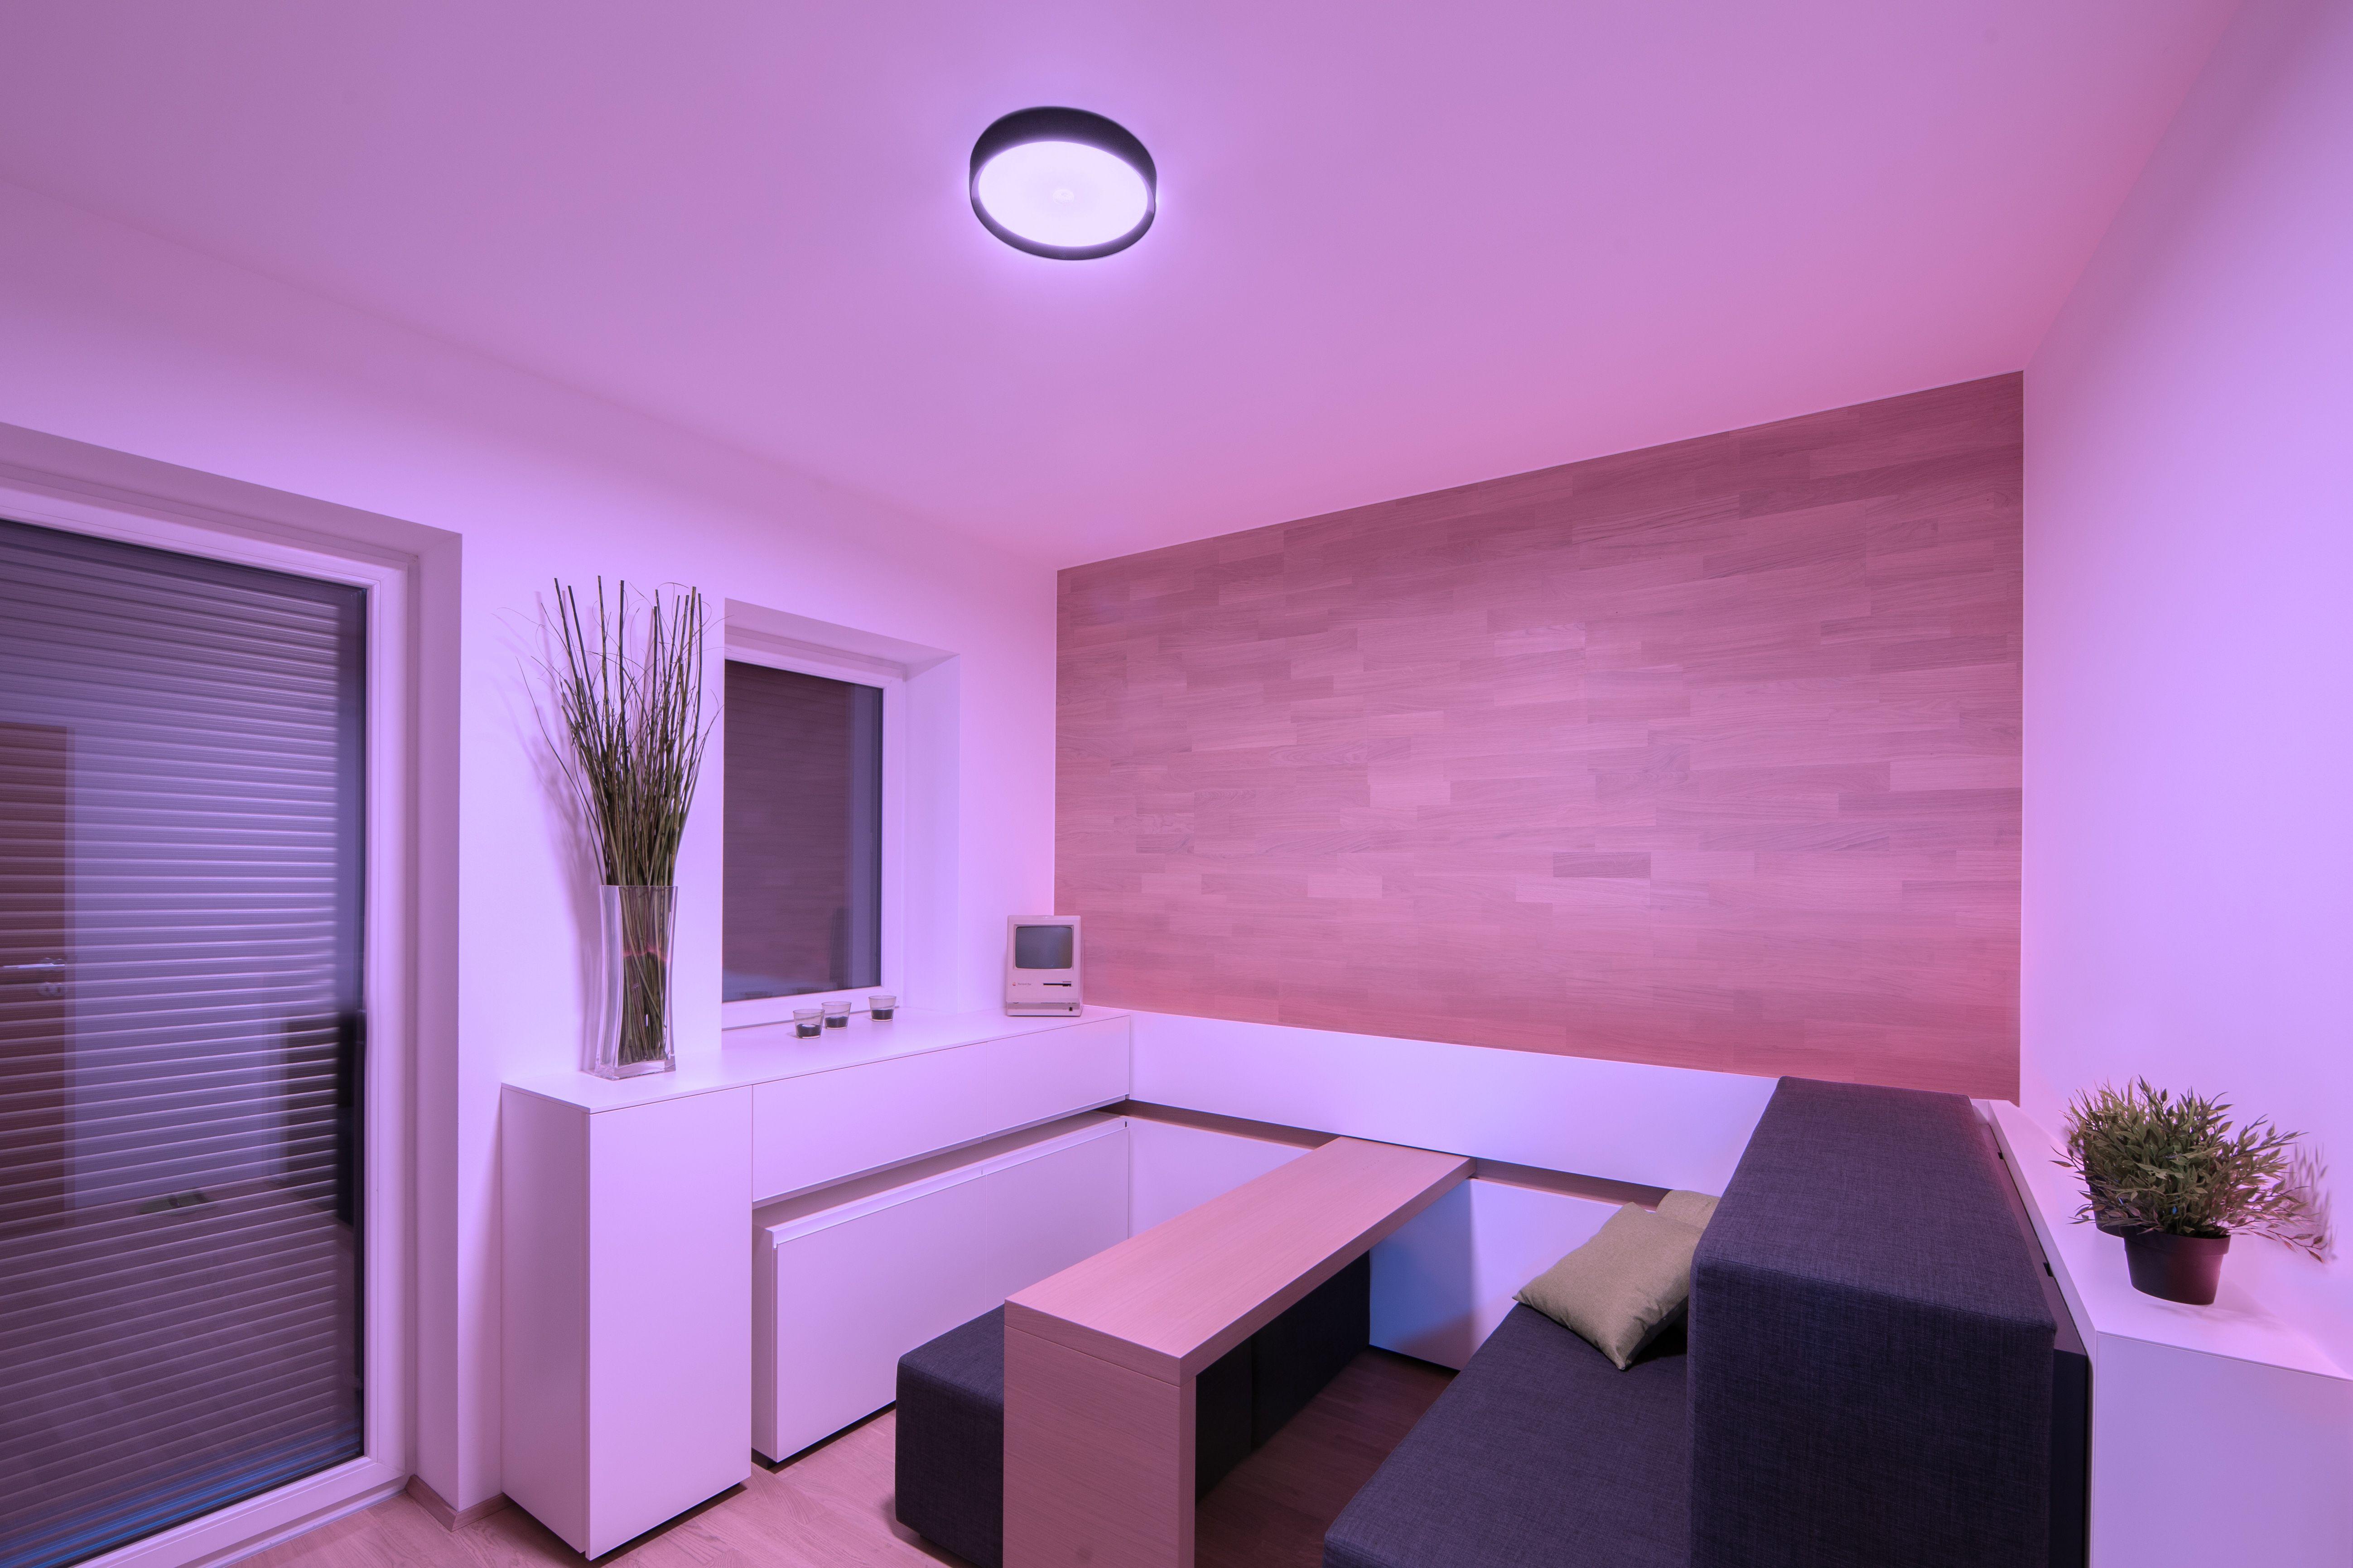 Led Deckenleuchte Mit Integriertem Bewegungsmelder Led Deckenleuchte Beleuchtung Decke Beleuchtungskonzepte